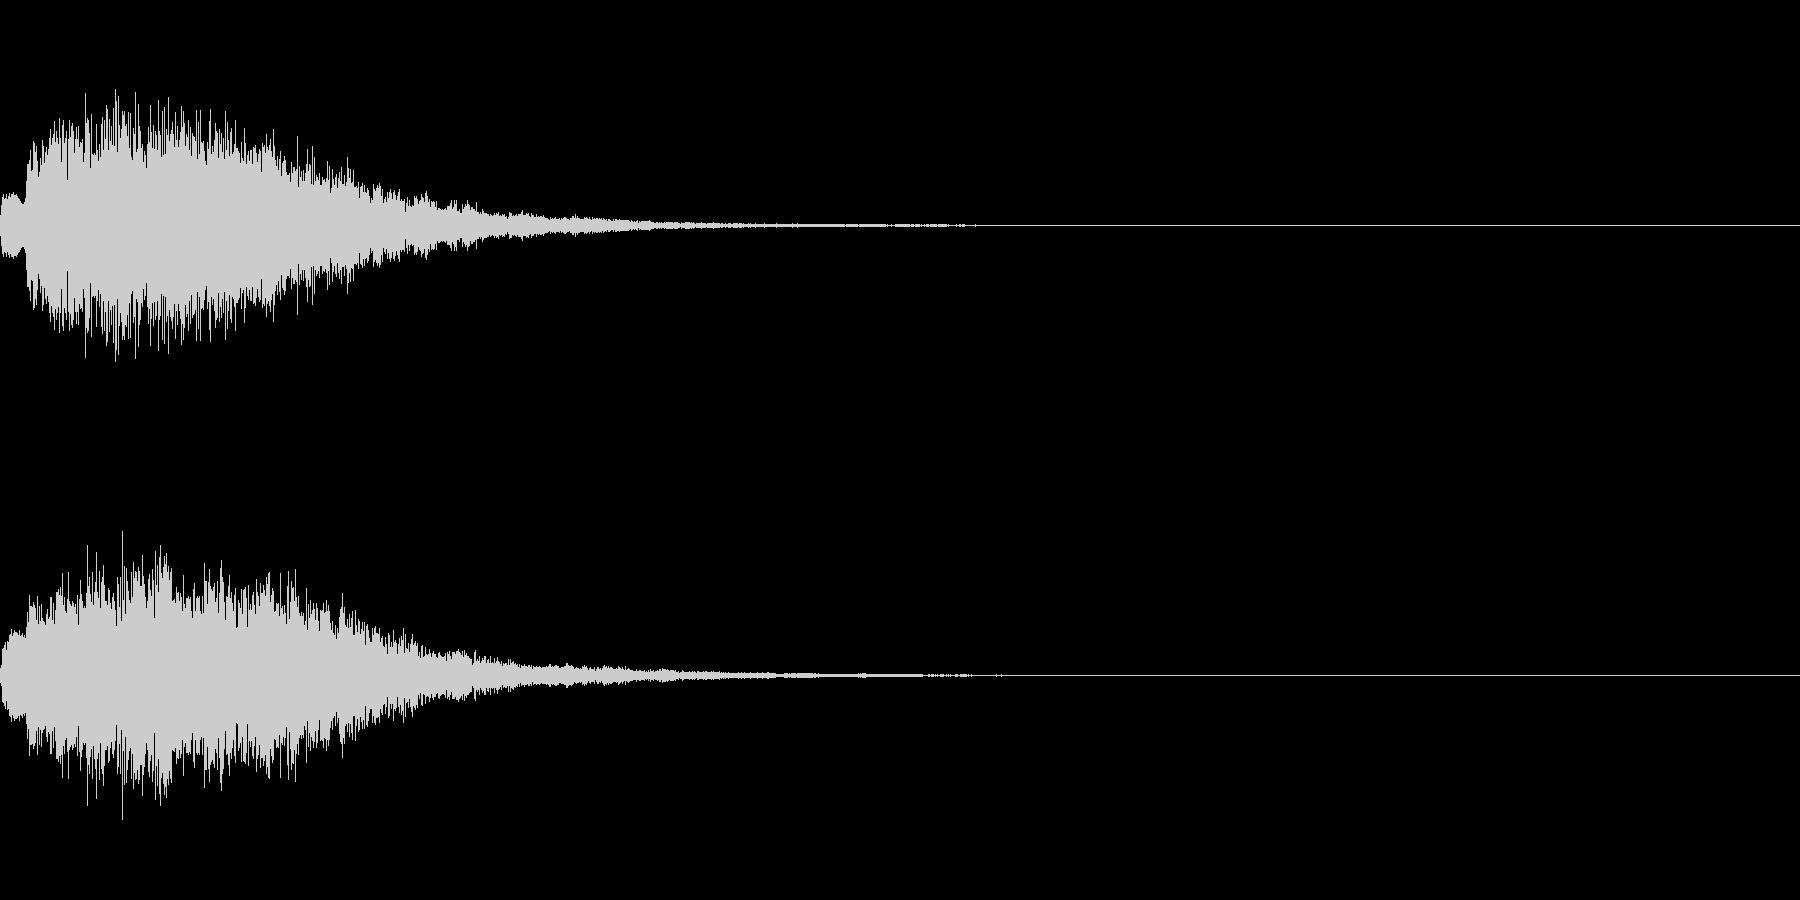 「タラララ・キラーン」すてき・場面転換の未再生の波形